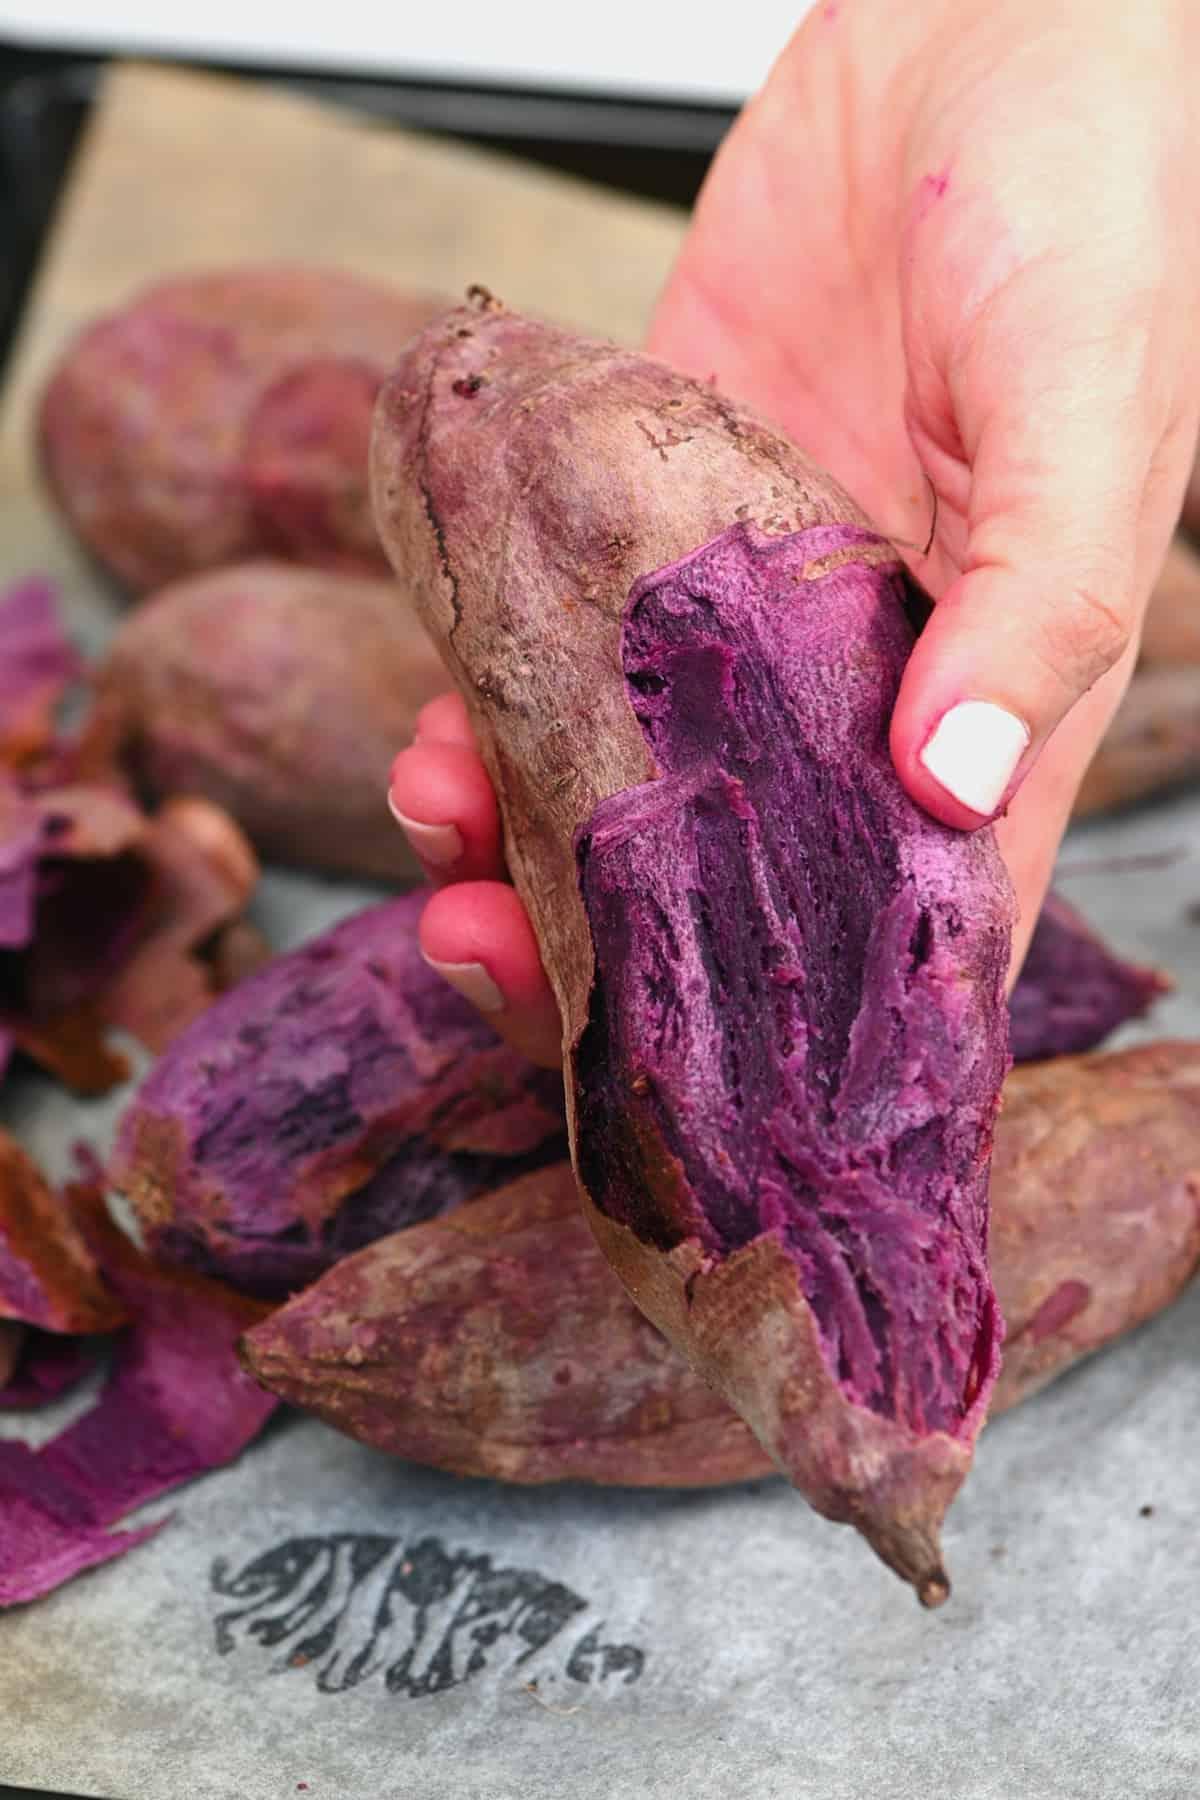 Peeling a baked purple potato